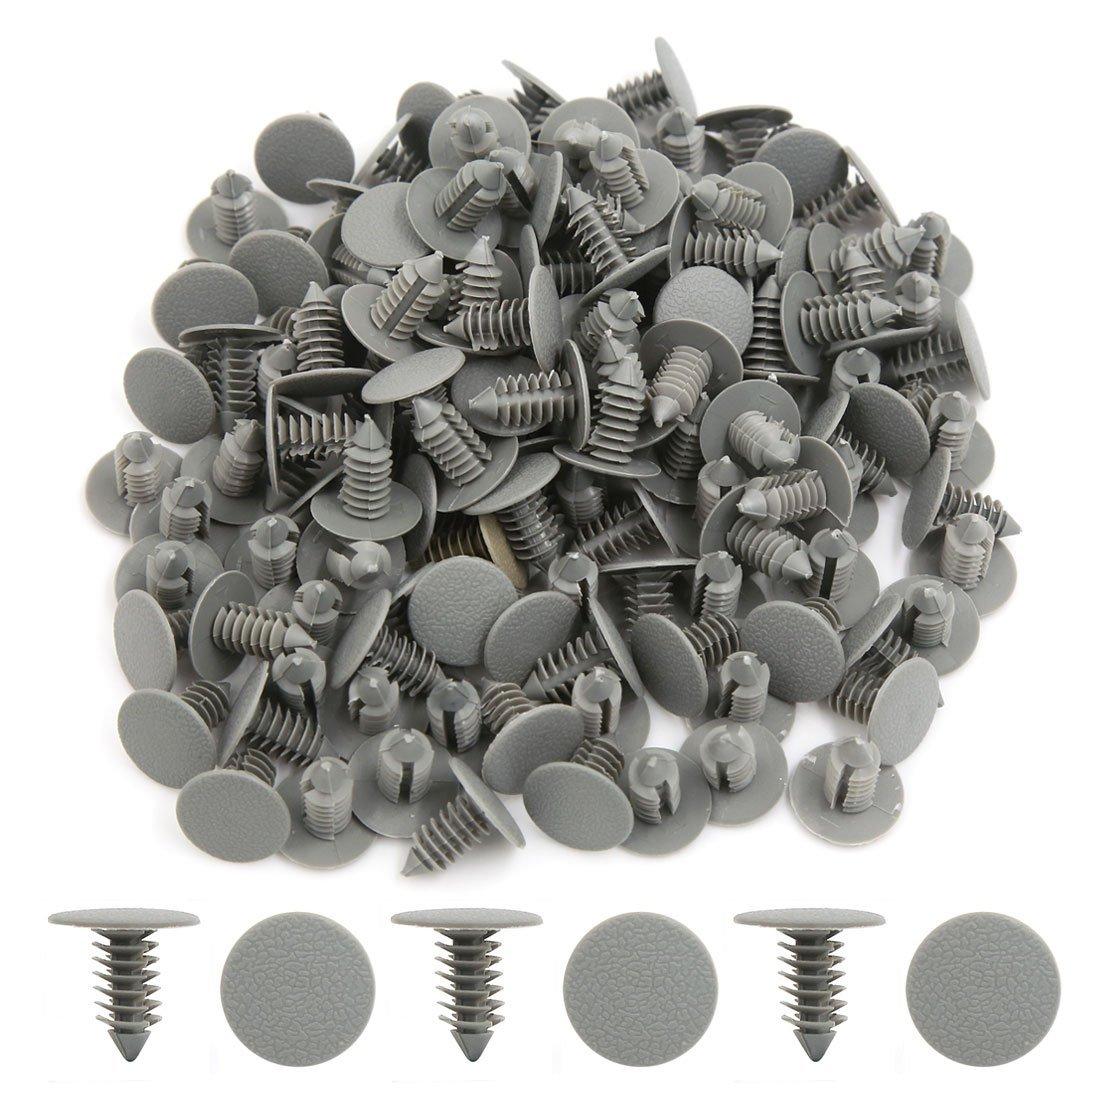 Amazon.com: eDealMax 100 piezas gris 9 mm diámetro del agujero de plástico Remaches Sujetadores parachoques Fender Para el coche automático: Automotive